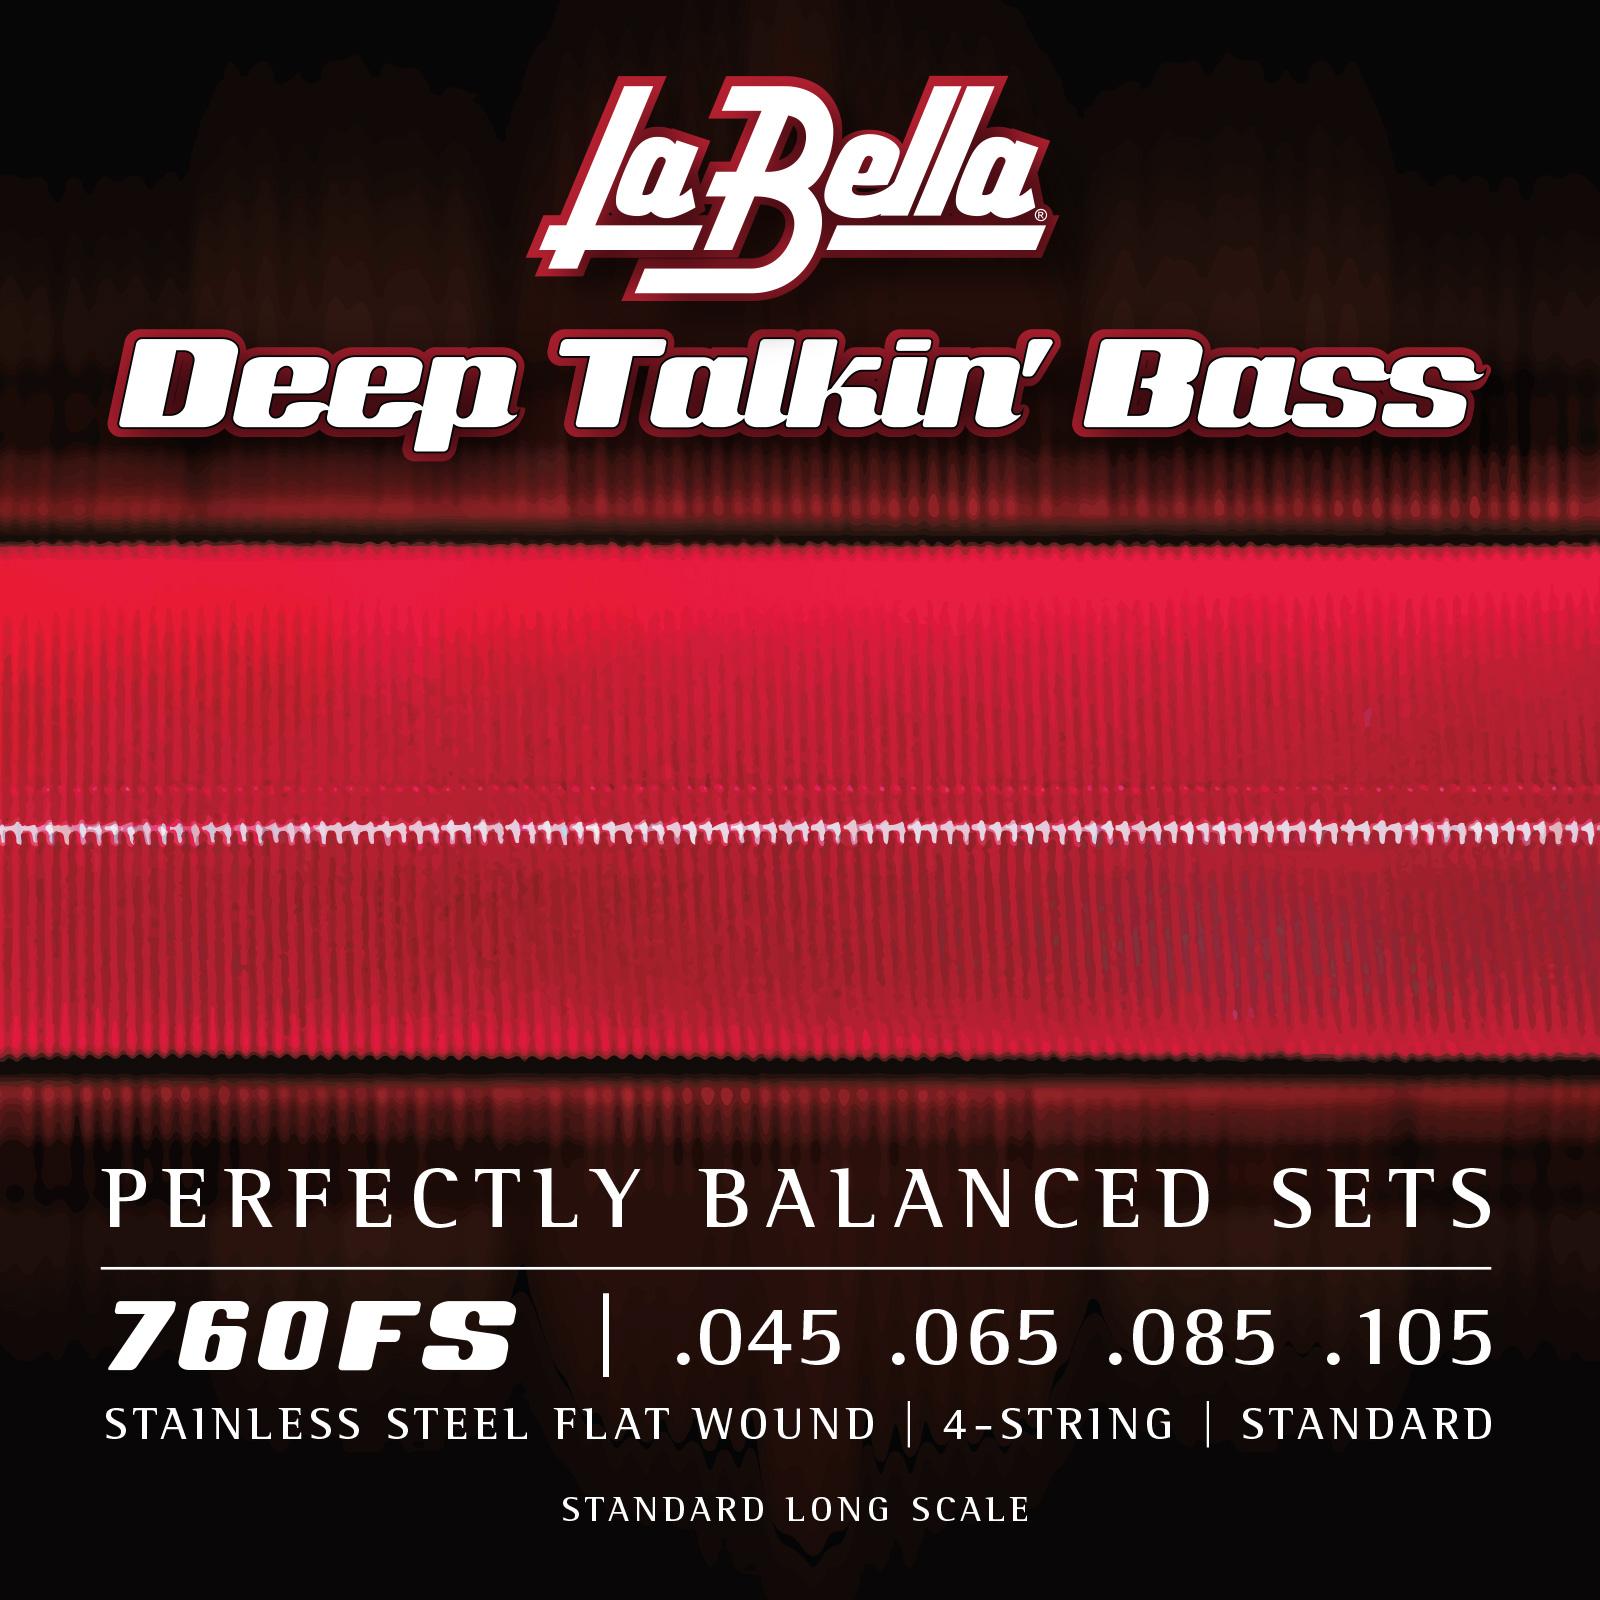 Corde lisce La Bella Deep Talkin' Bass .045 – .105 760FS